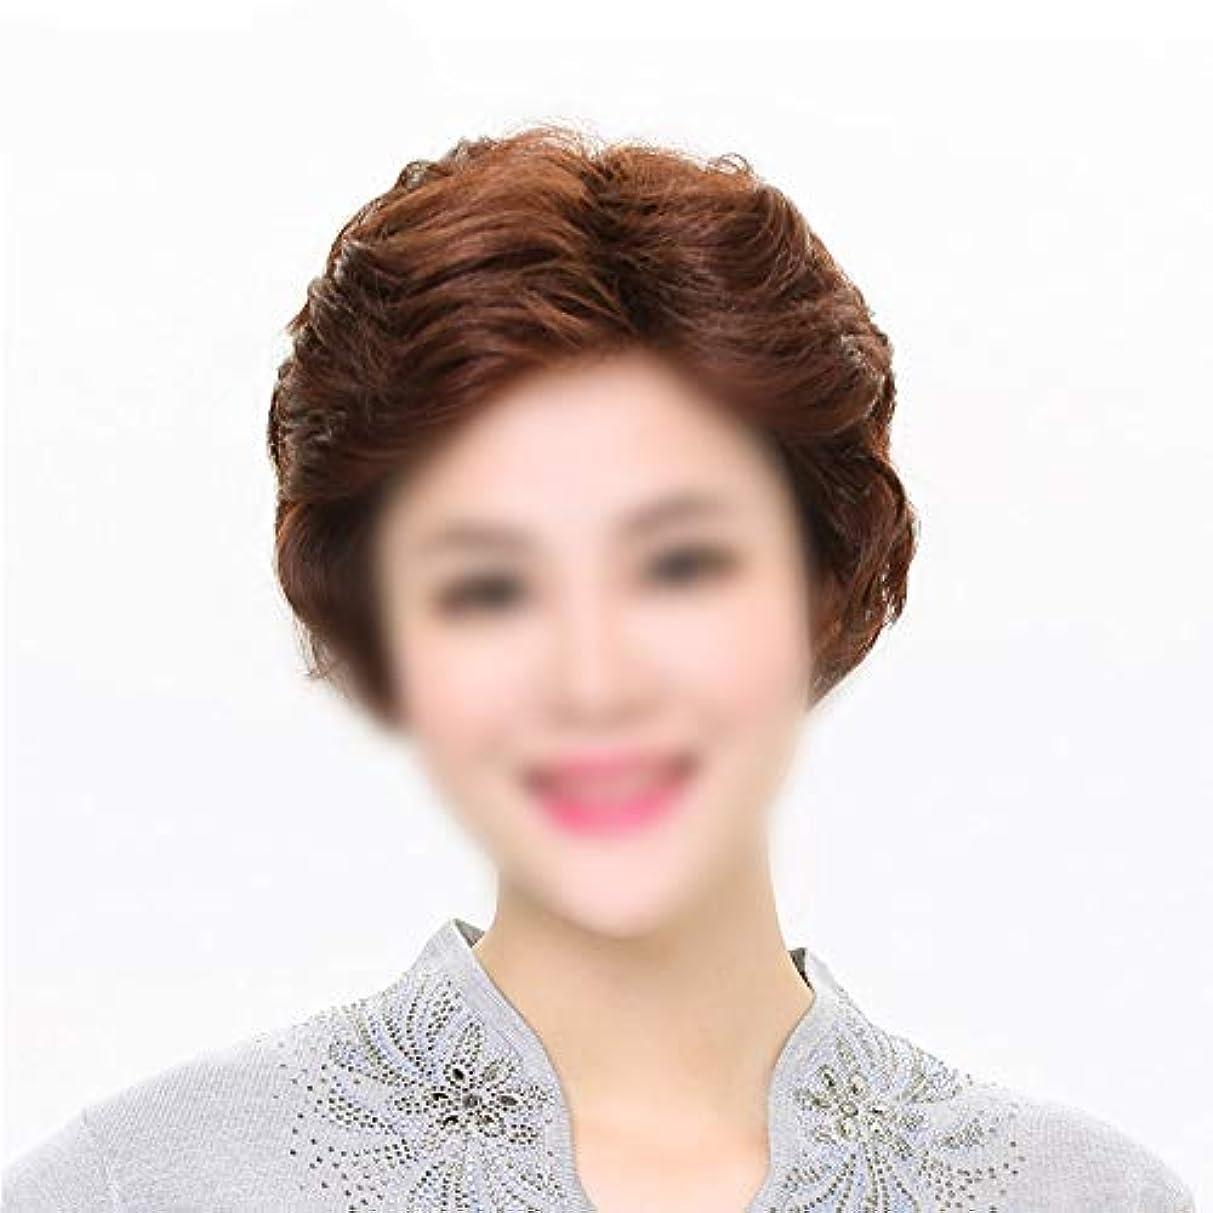 うがいひねり乱すYOUQIU 女子ショートウェービーヘアエクステンションウィッグ用手織りナチュラルブラックレアル髪 (色 : Natural black, サイズ : Hand-woven)